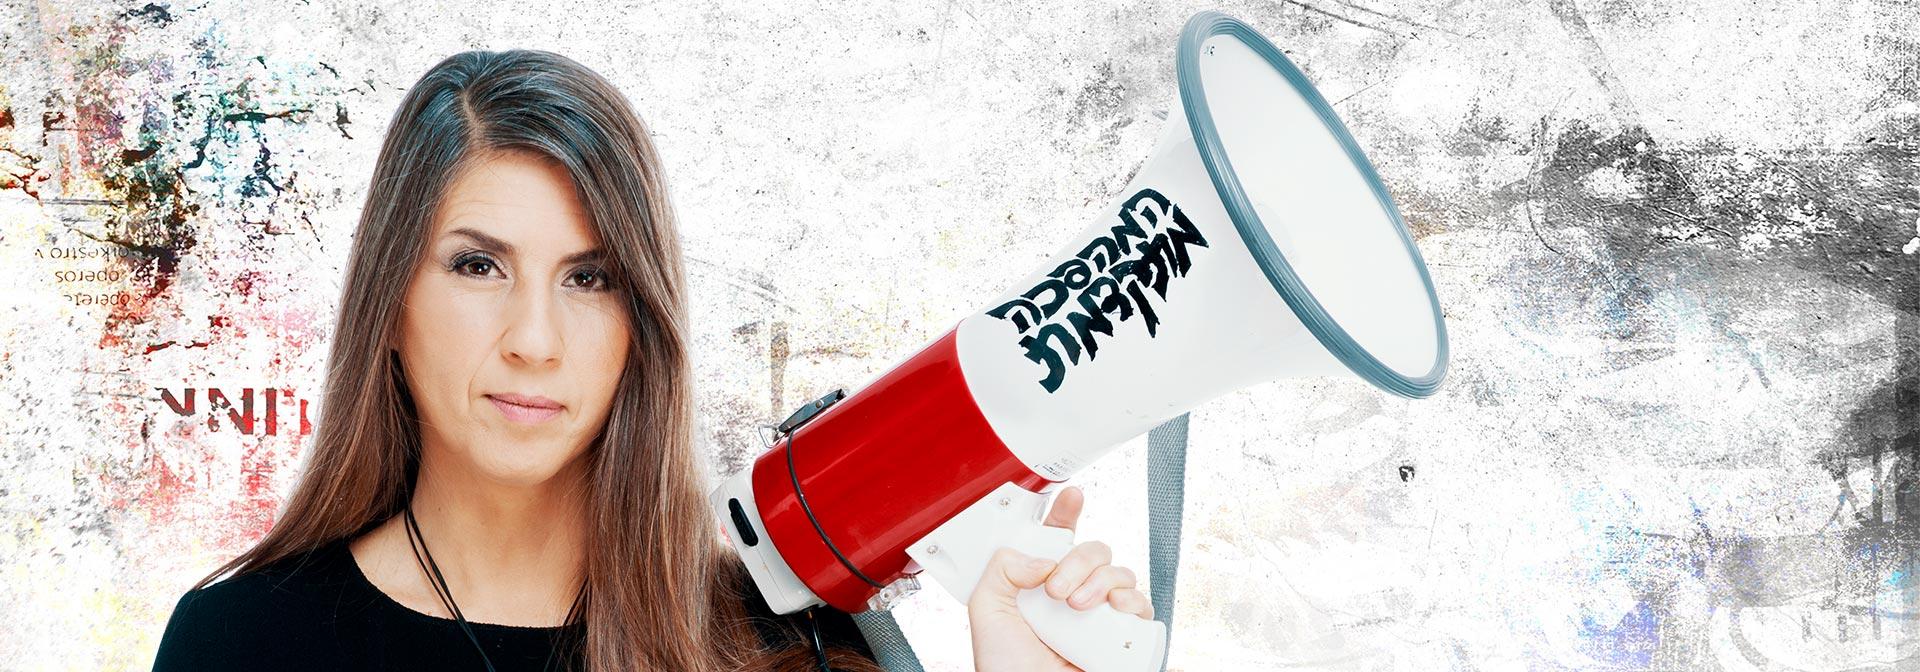 ליידי גלובס מציג: 20 האקטיביסטיות המשפיעות בישראל 2018 - אור-לי ברלב / צילום: ענבל מרמרי